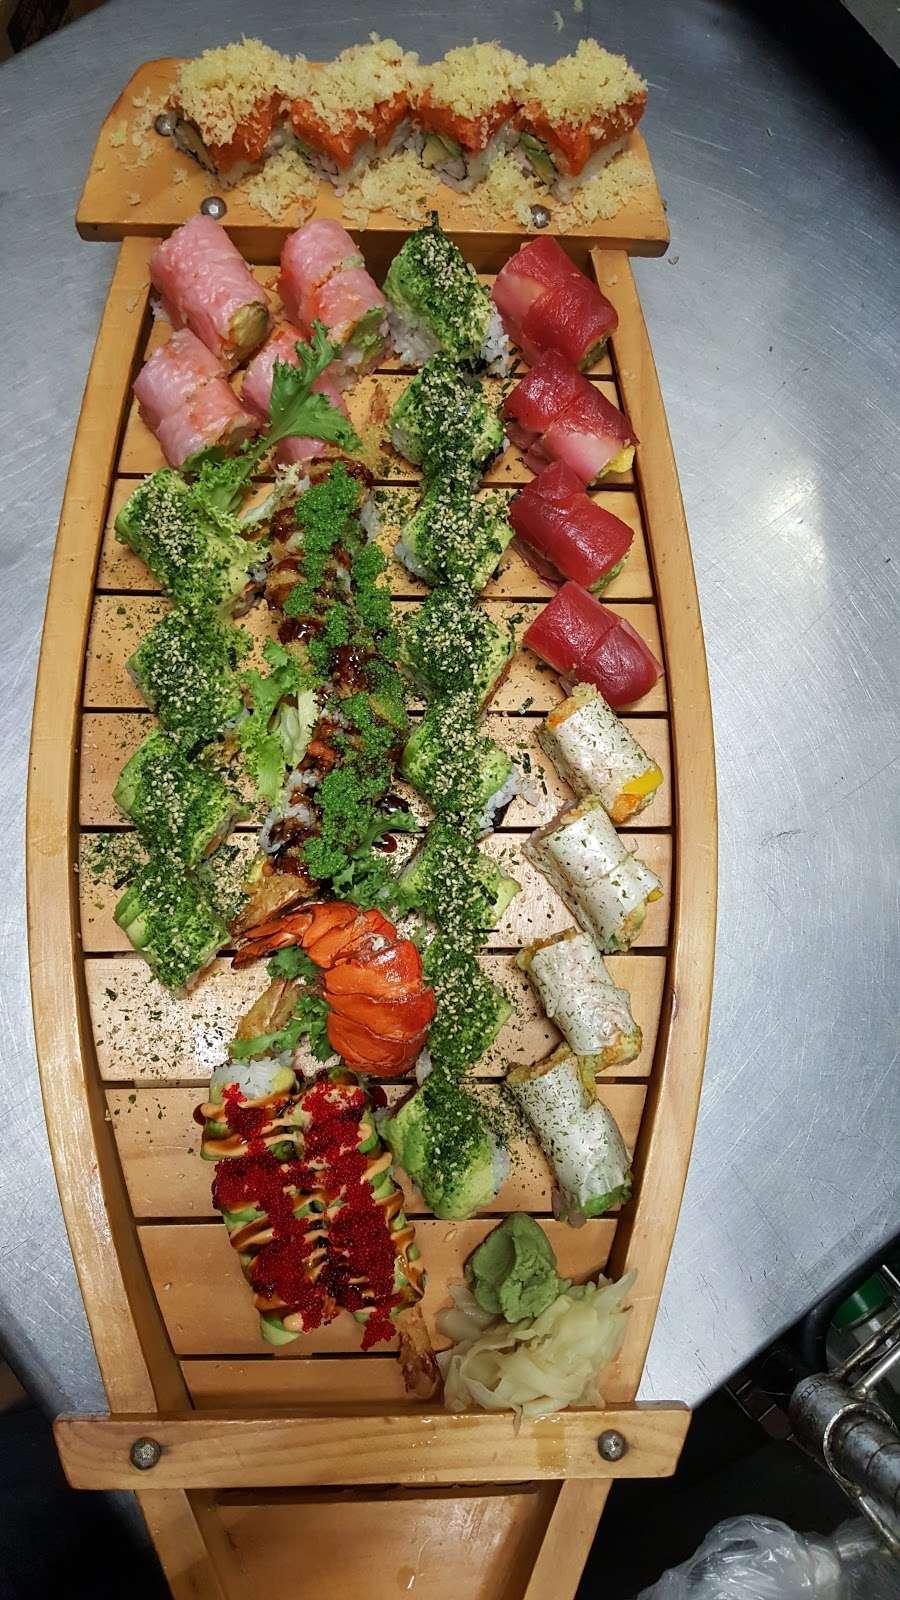 Sushi House of Hoboken - restaurant    Photo 2 of 10   Address: 155 1st St, Hoboken, NJ 07030, USA   Phone: (201) 656-7788